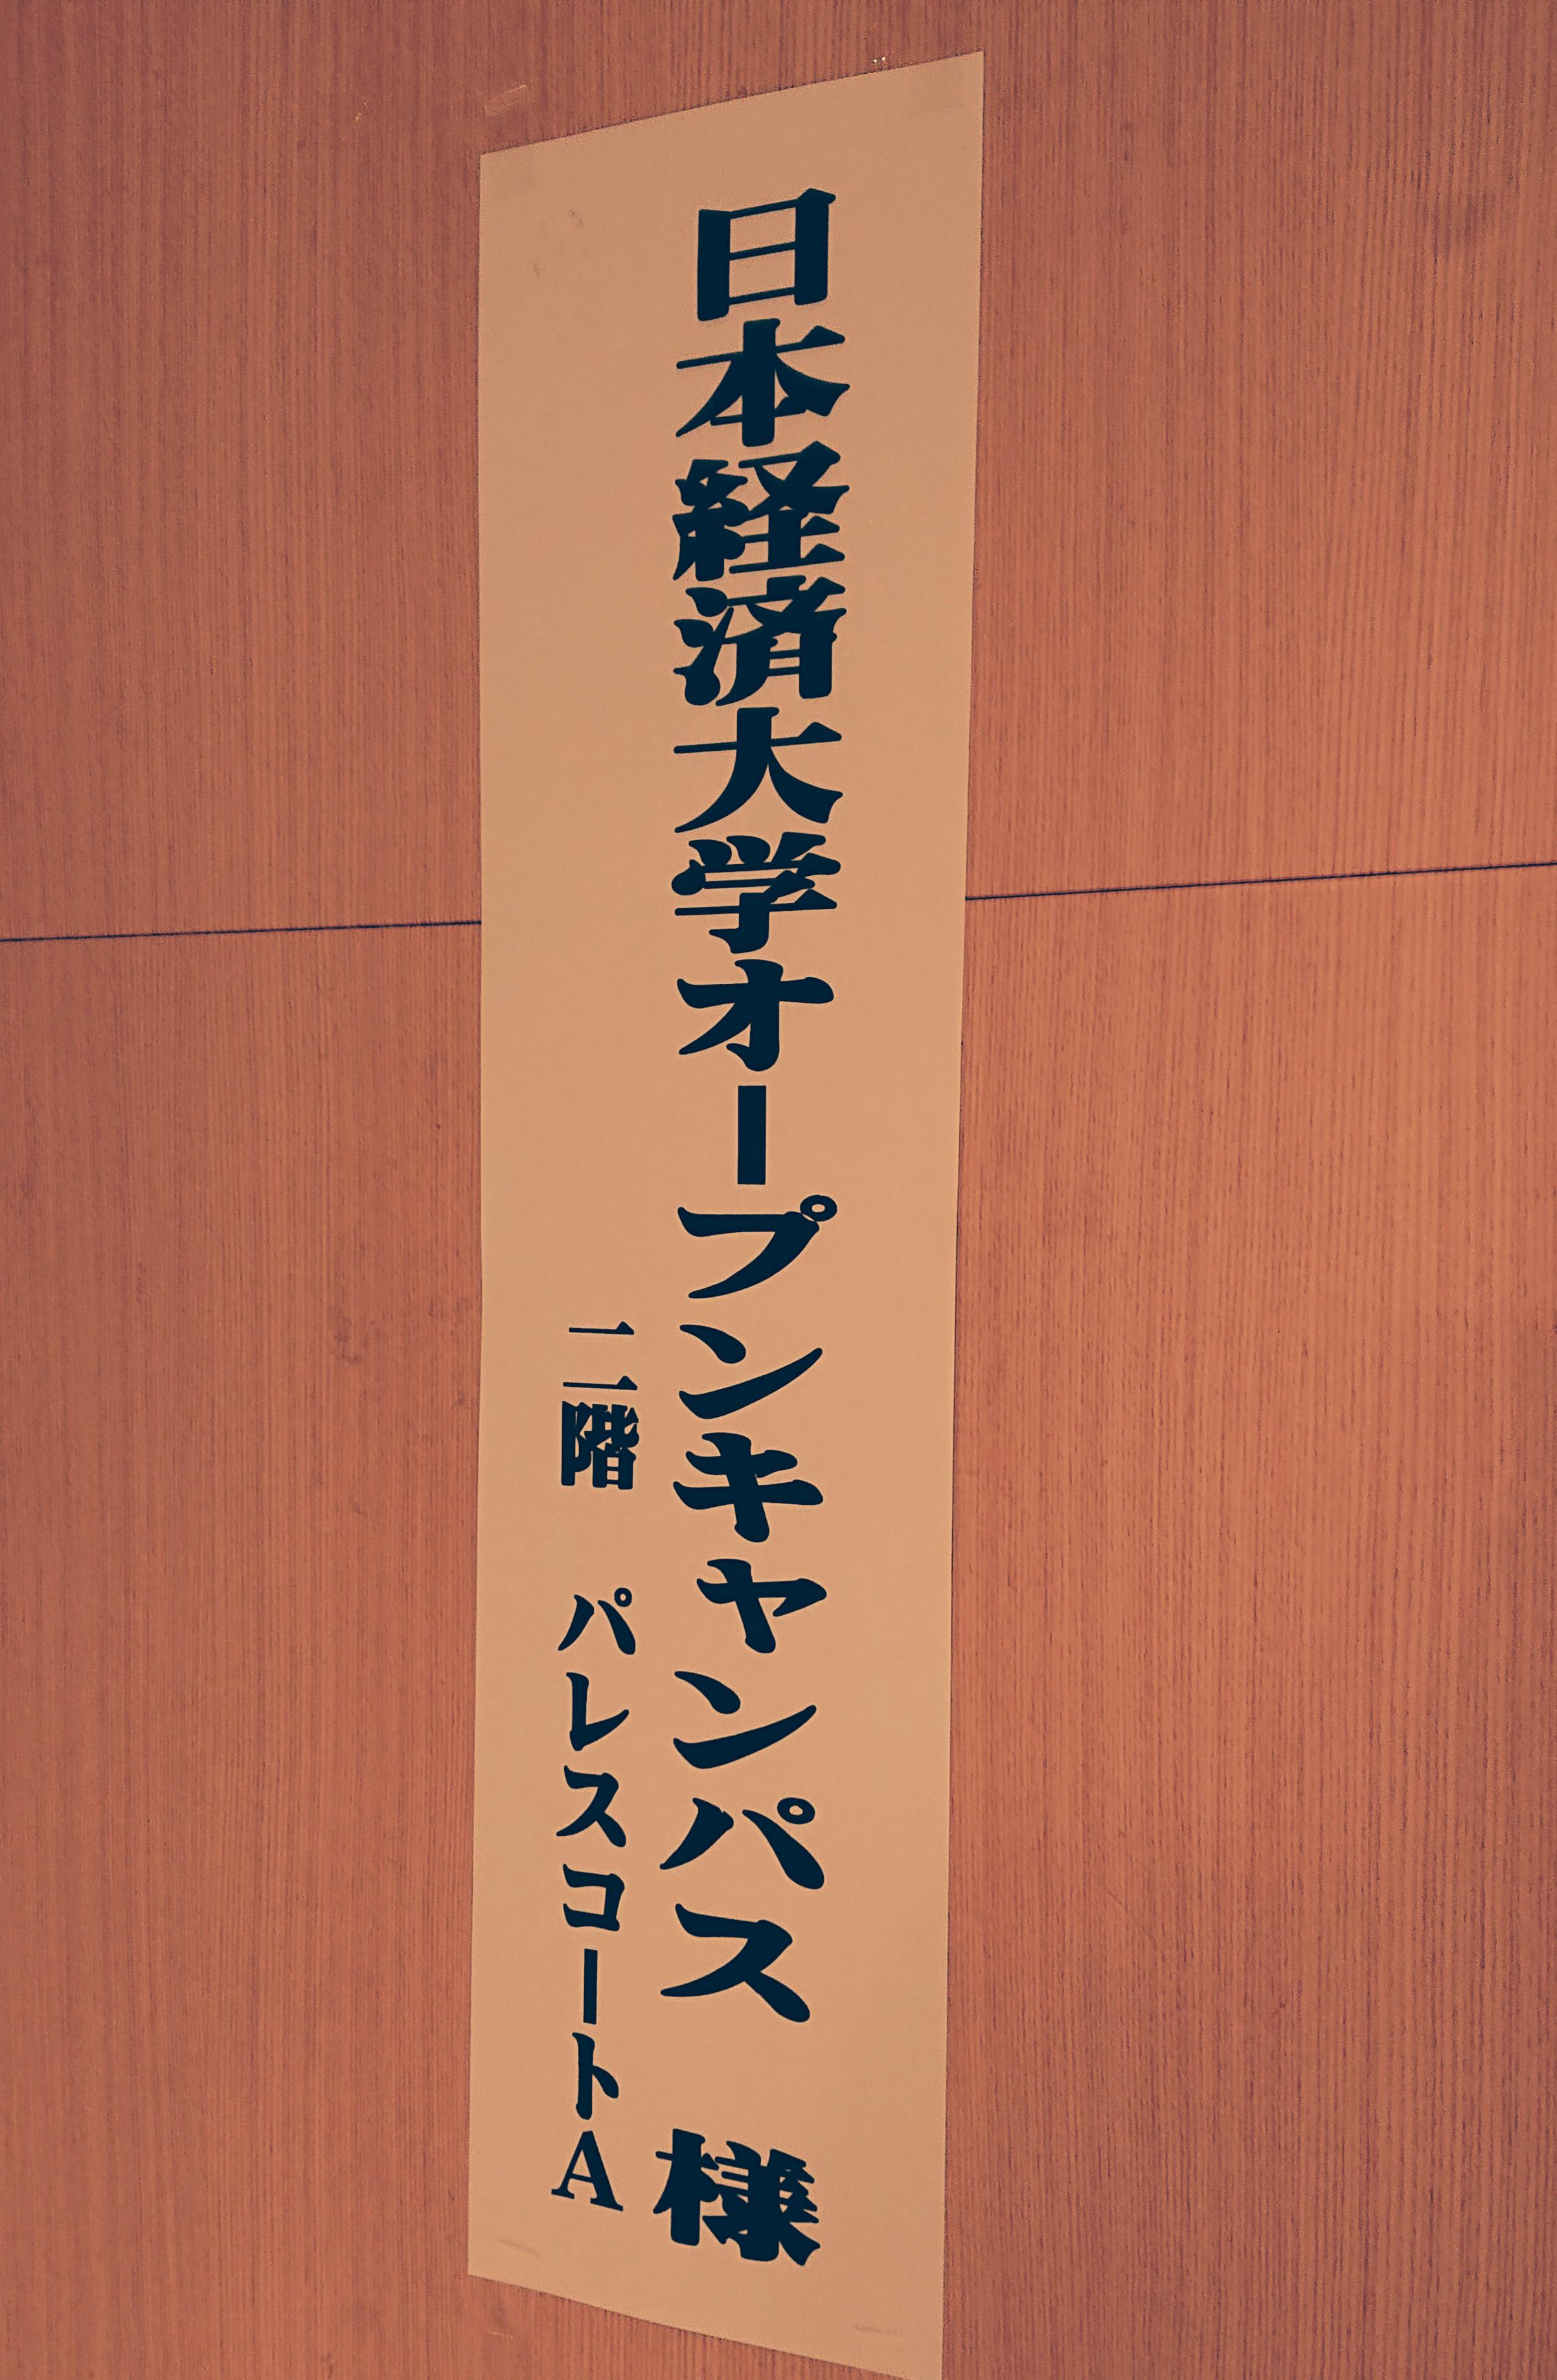 本日、7月28日、日曜日、日本経済大学オープンキャンパス開催